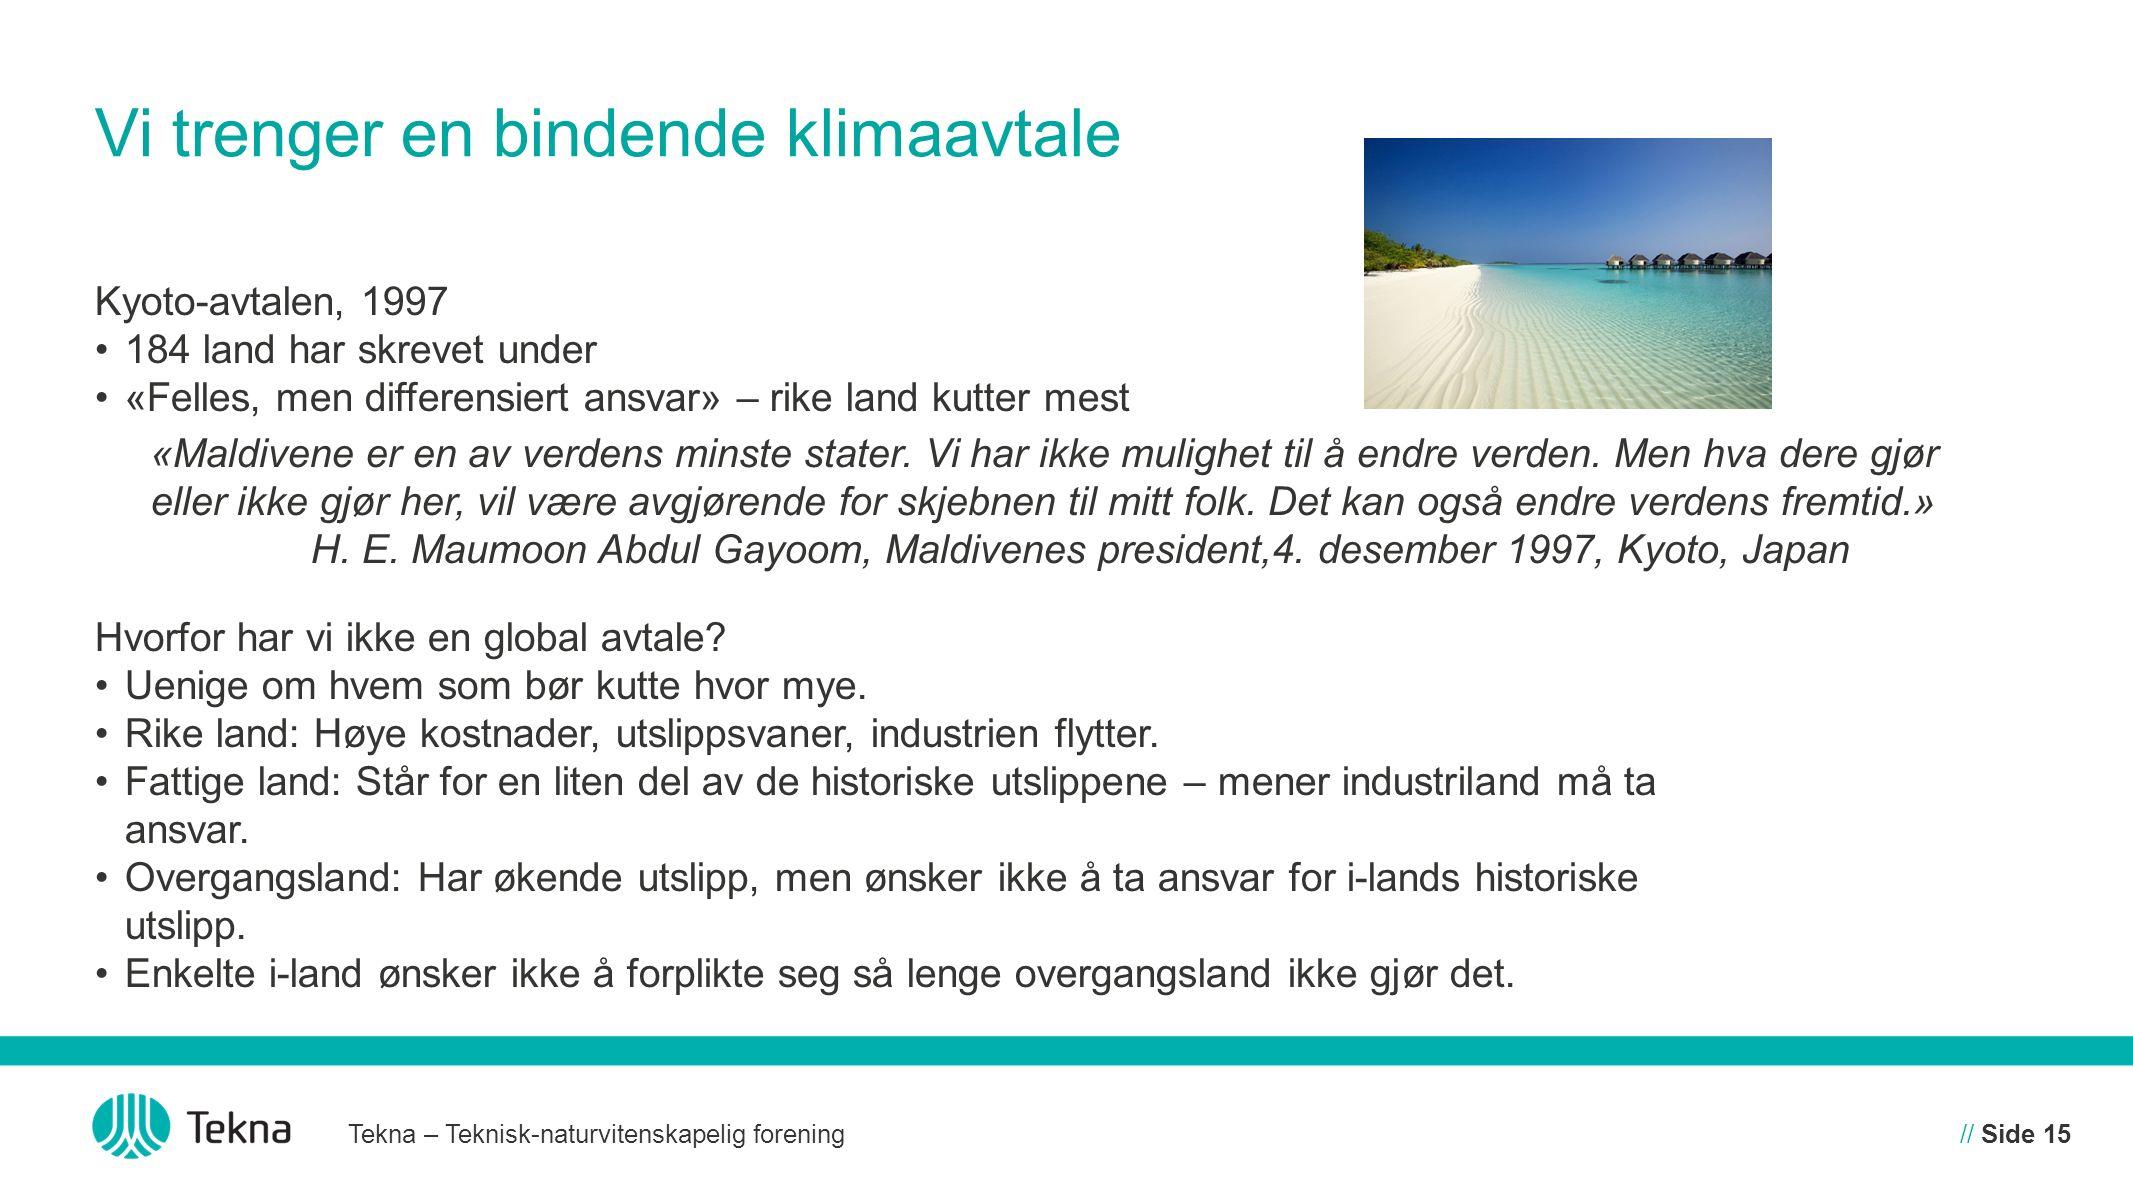 Vi trenger en bindende klimaavtale Kyoto-avtalen, 1997 184 land har skrevet under «Felles, men differensiert ansvar» – rike land kutter mest Hvorfor har vi ikke en global avtale.